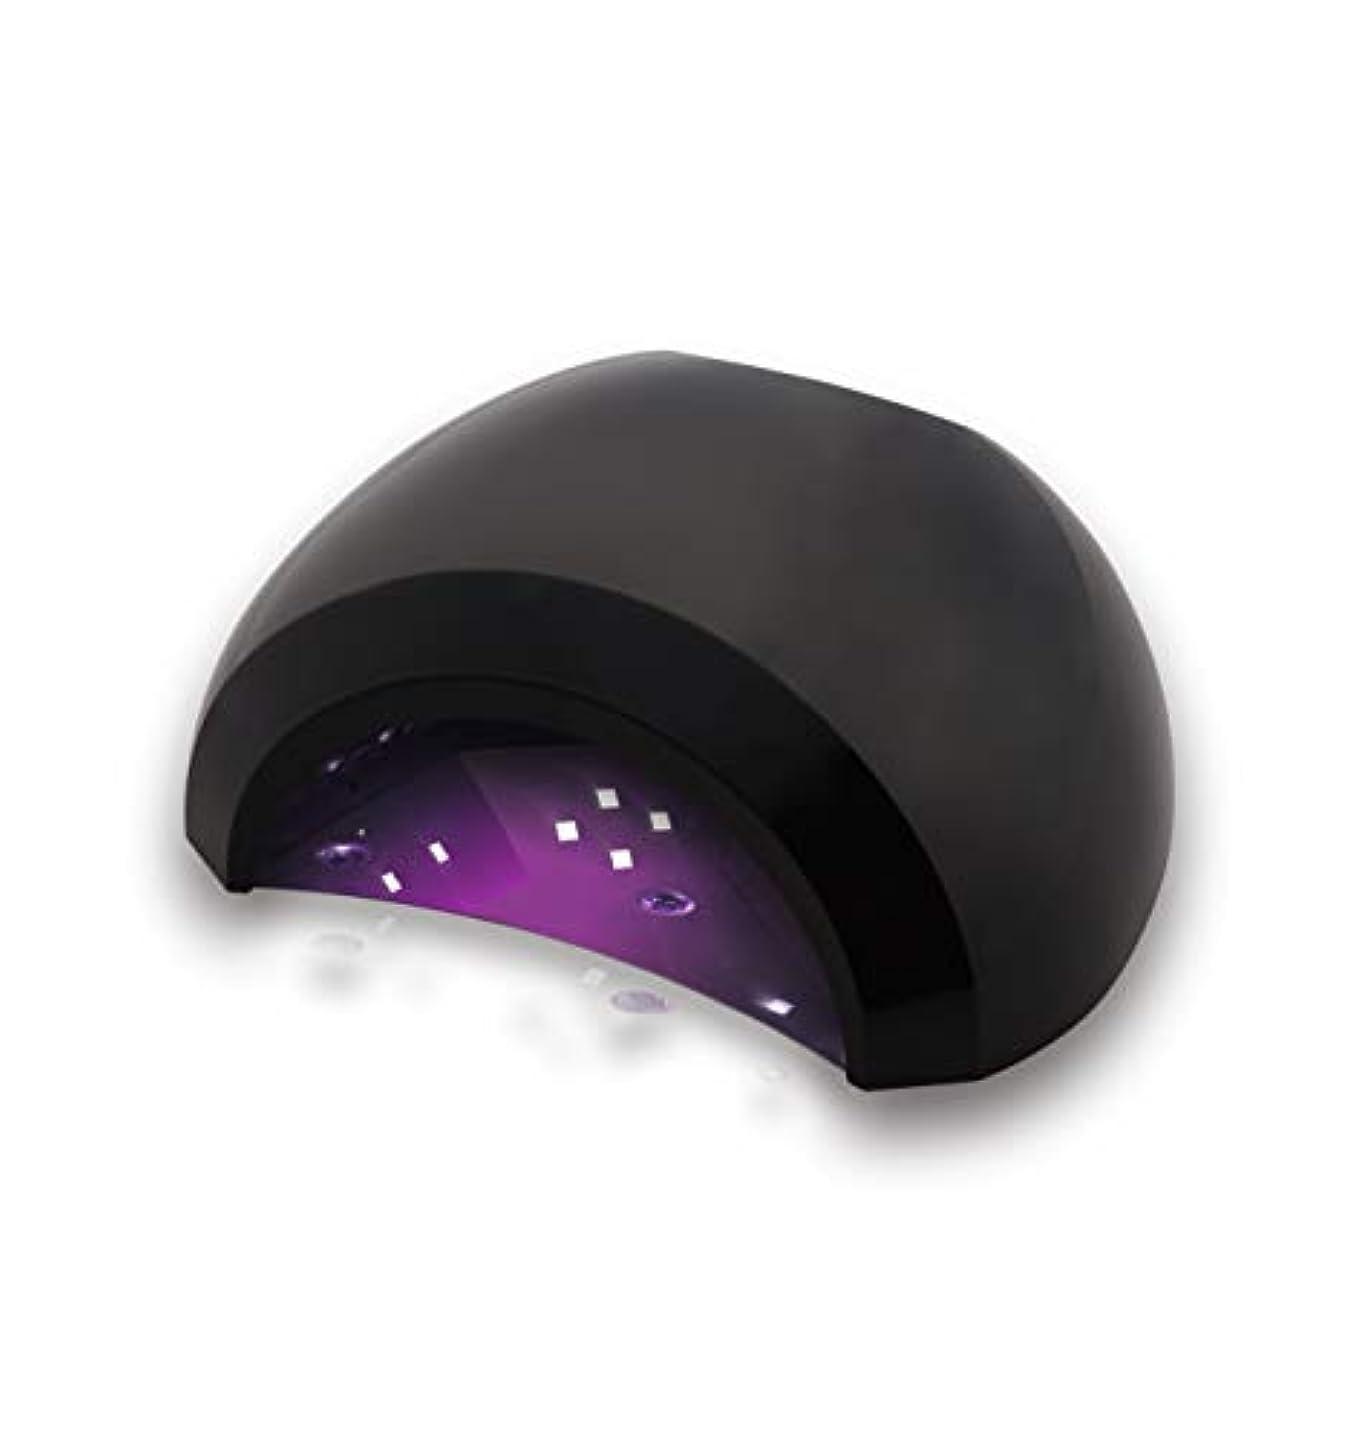 ジャンル衰える微視的Aokitec UV LED ネイルドライヤー 48w高速硬化ネイルライト 人感センサーとタイマー付 時間メモリ 手足両用ネイルランプ 全ジェル対応 レジンにも使える 日本語説明書付【一年間保証】 …